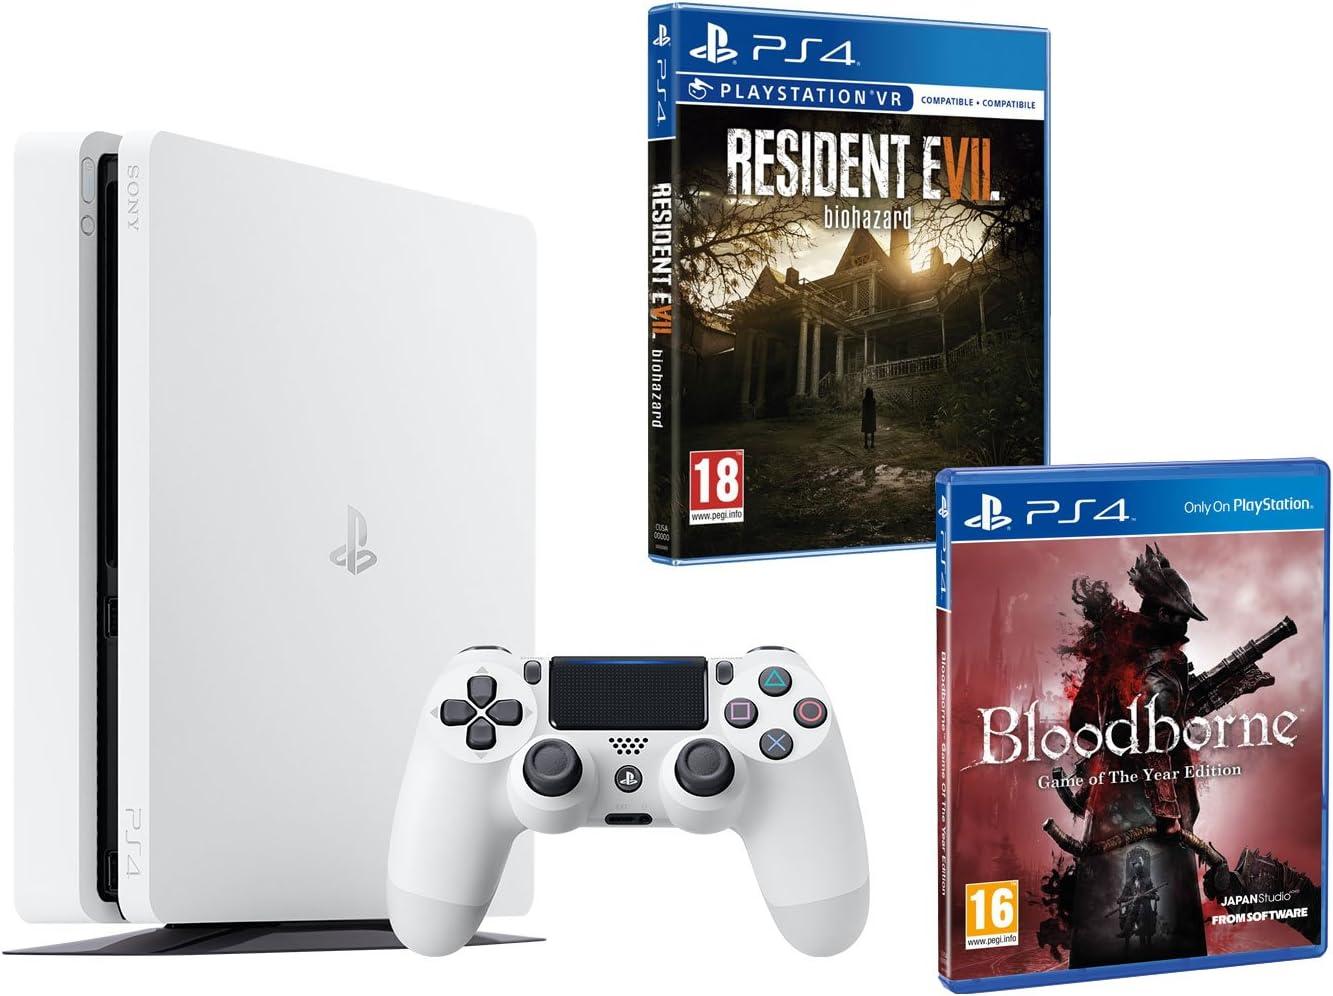 PS4 Slim 500 GB Color Blanco Playstation 4 Pack 2 Juegos – Bloodborne GOTY + Resident Evil VII: Amazon.es: Informática